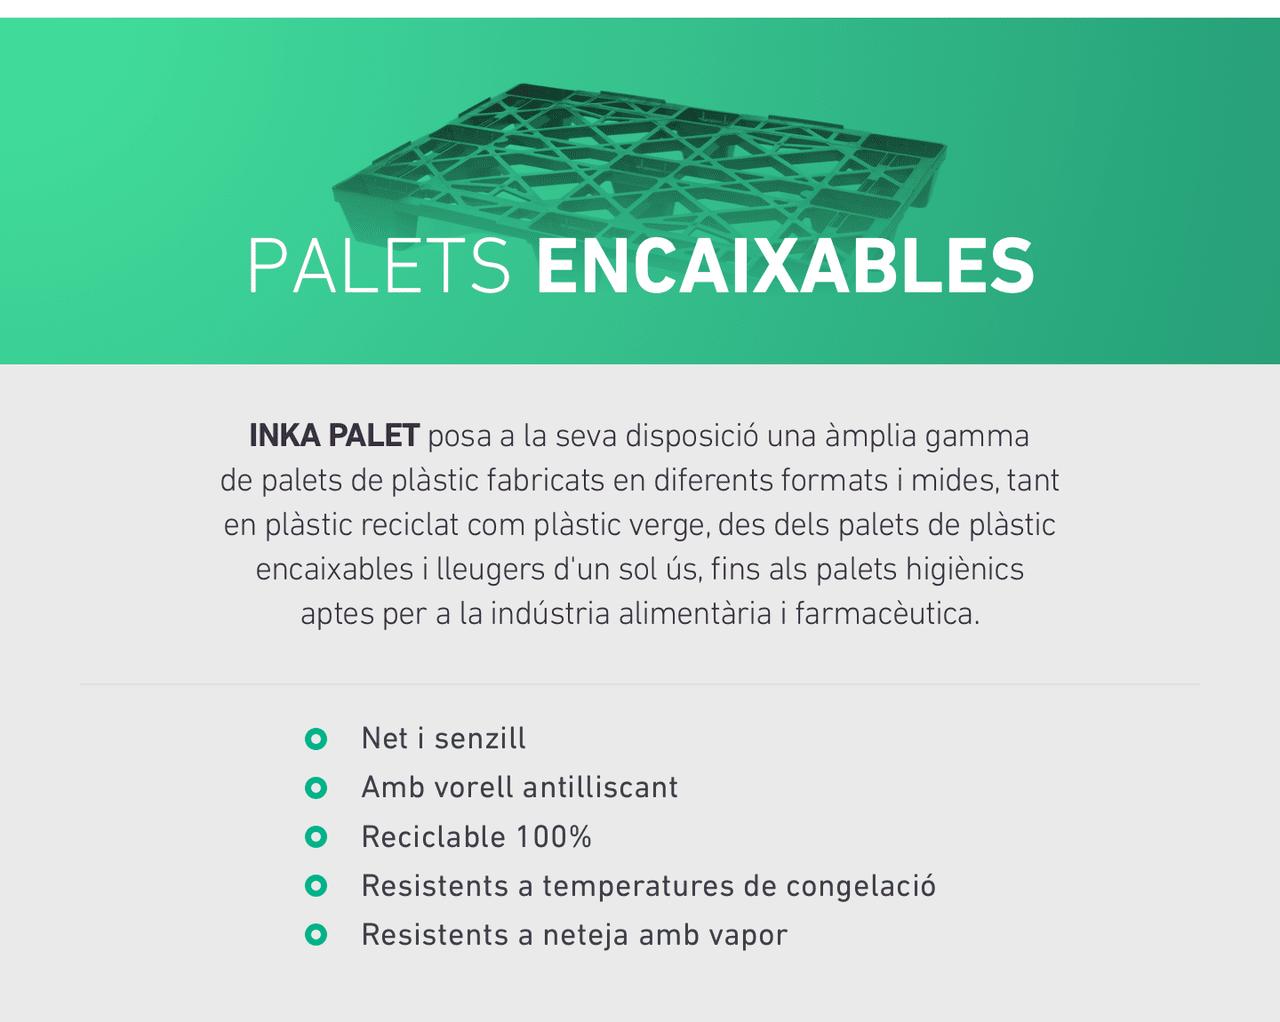 PALETS encaixables. INKA PALET posa a la seva disposició una àmplia gamma de palets de plàstic fabricats en diferents formats i mides, tant en plàstic reciclat com plàstic verge, des dels palets de plàstic encaixables i lleugers d'un sol ús, fins als palets higiènics aptes per a la indústria alimentària i farmacèutica.